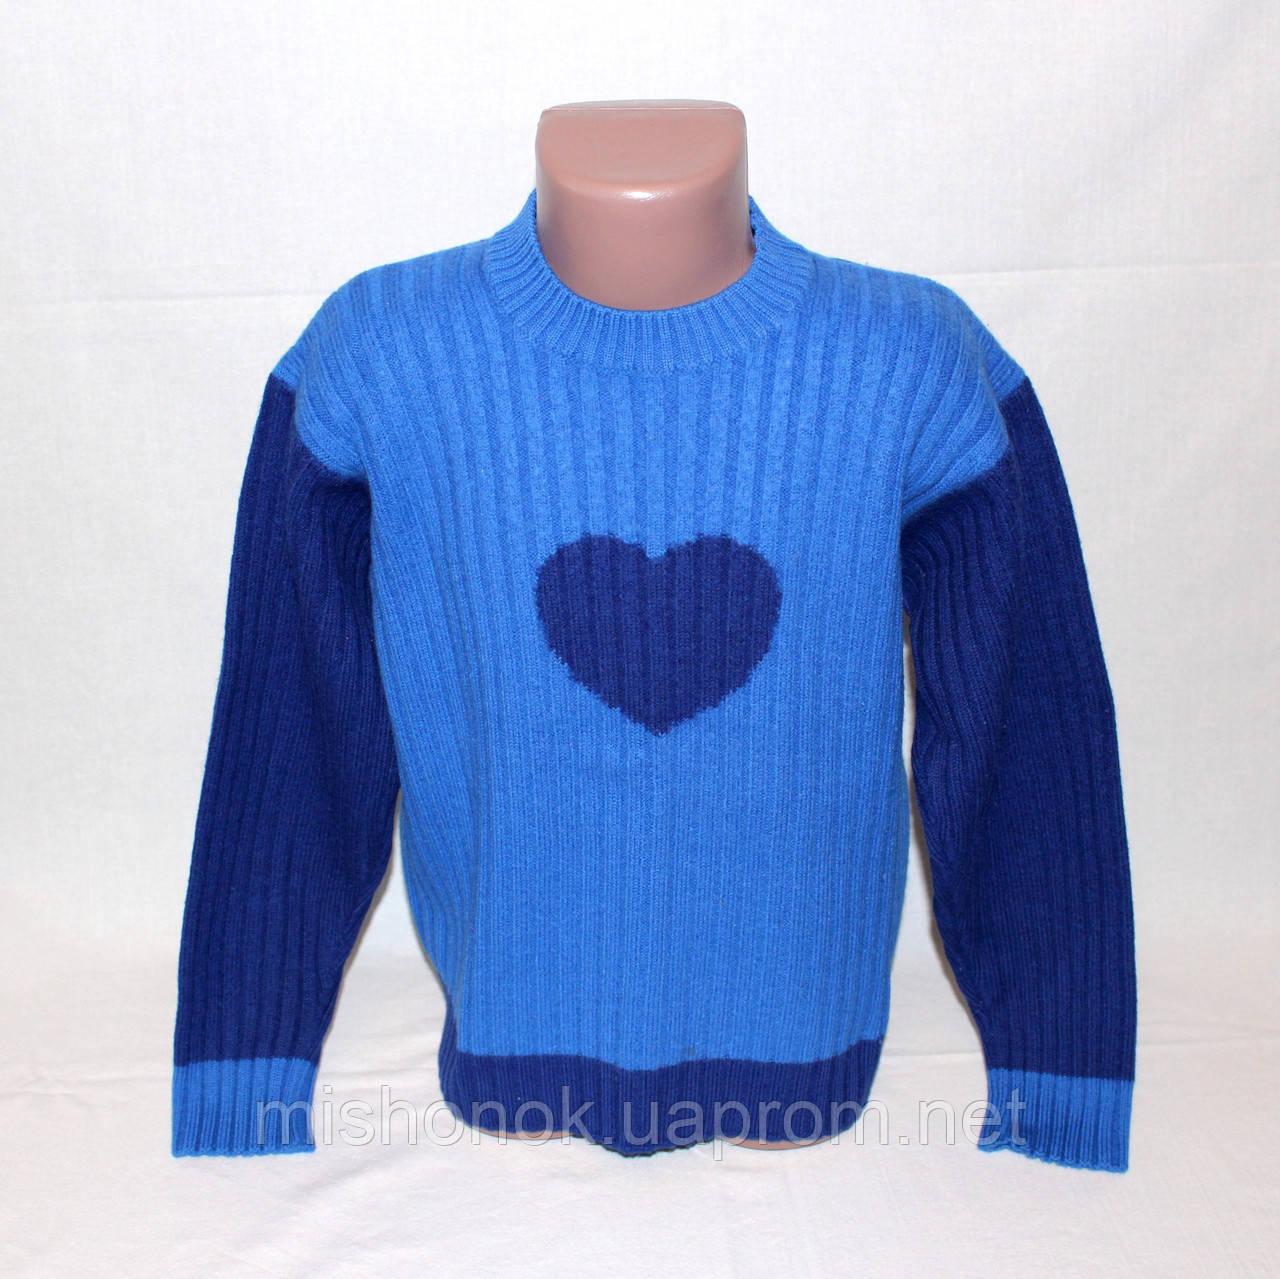 d6d3711f5 Синий свитер Benetton на 6-7 лет р.116 - купить по лучшей цене в ...